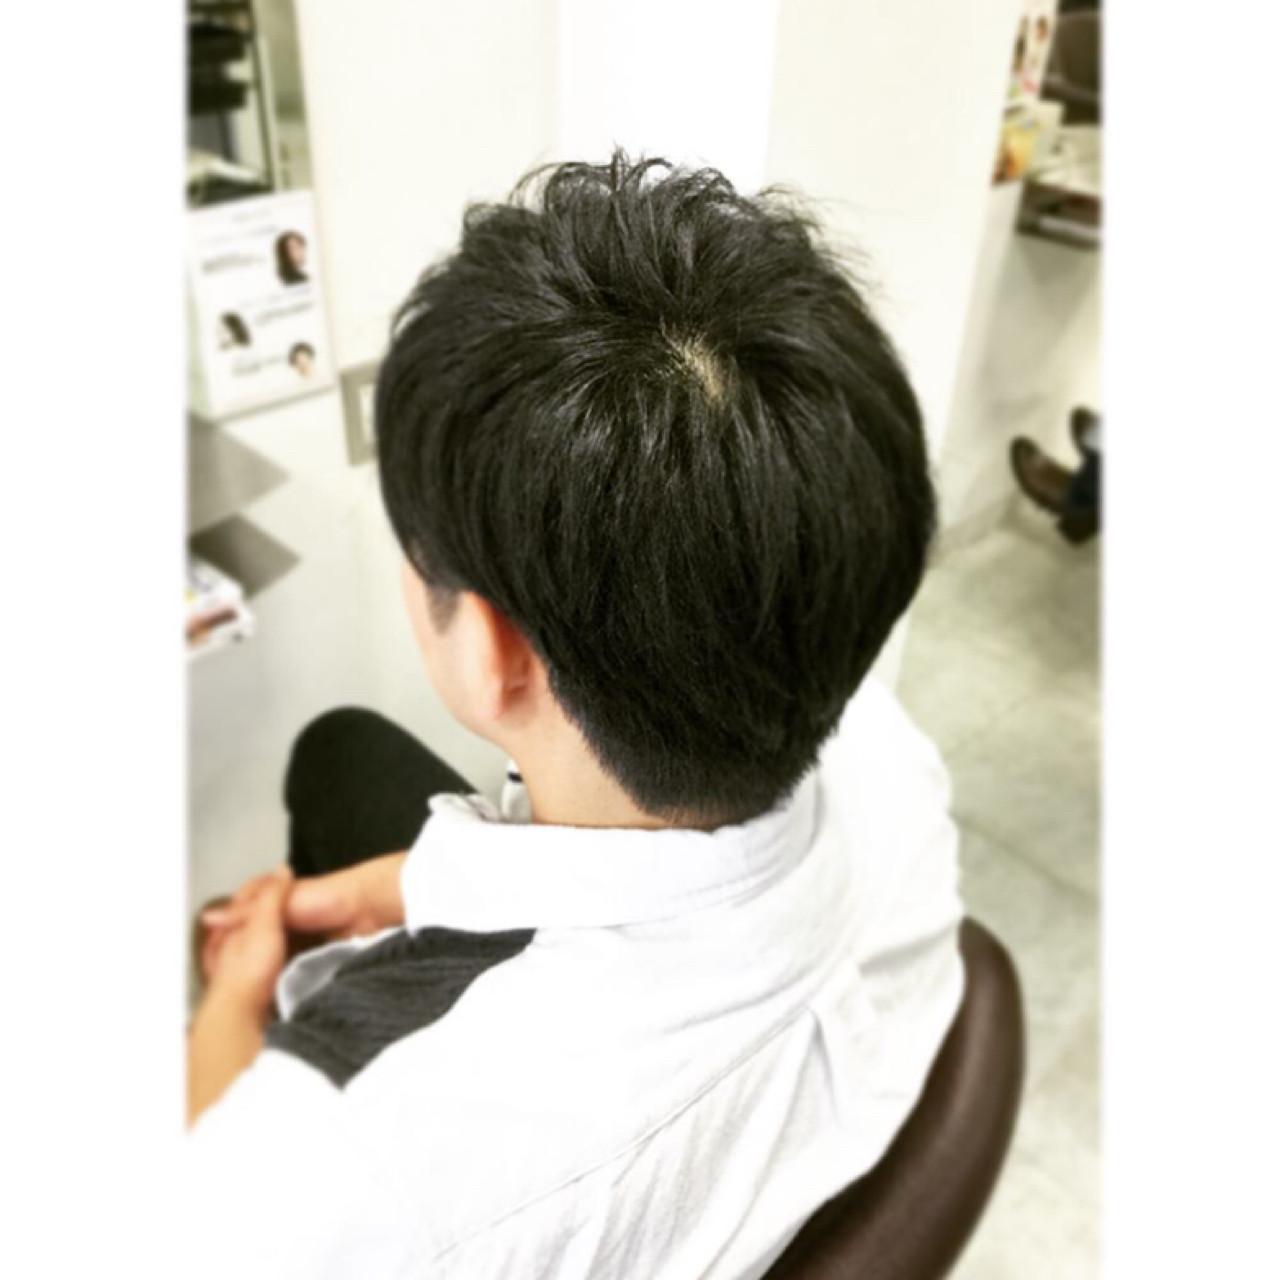 ボーイッシュ ショート 黒髪 坊主 ヘアスタイルや髪型の写真・画像